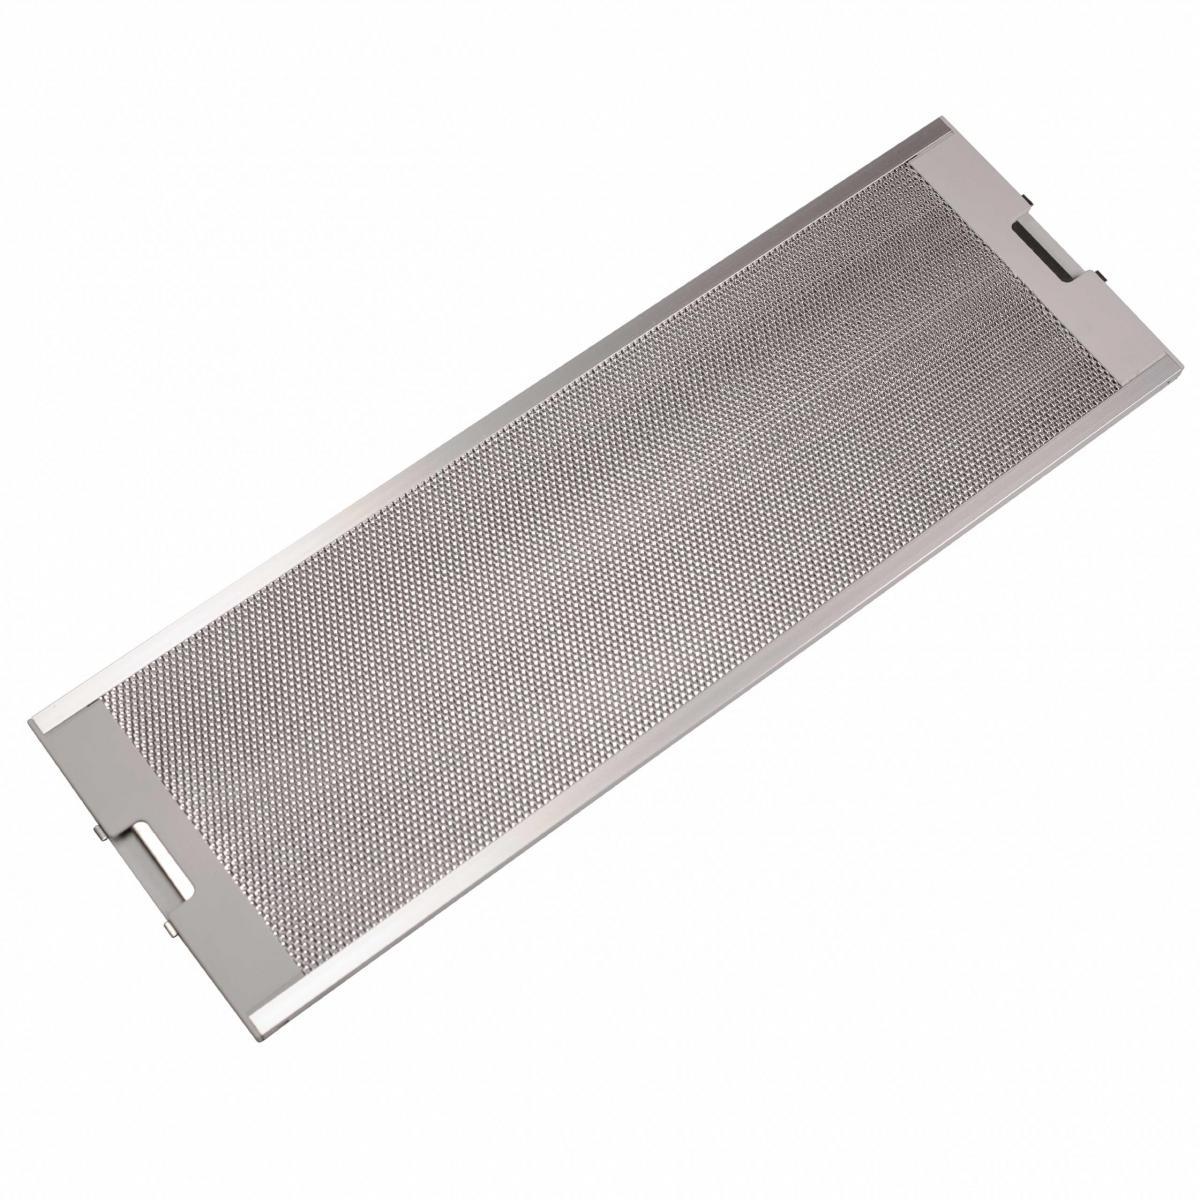 Vhbw vhbw Filtre Permanent Filtre à Graisse Métallique compatible avec Imperial DMA 64/4/B 001, DMA 64/4/NL 001 Hottes de Cui